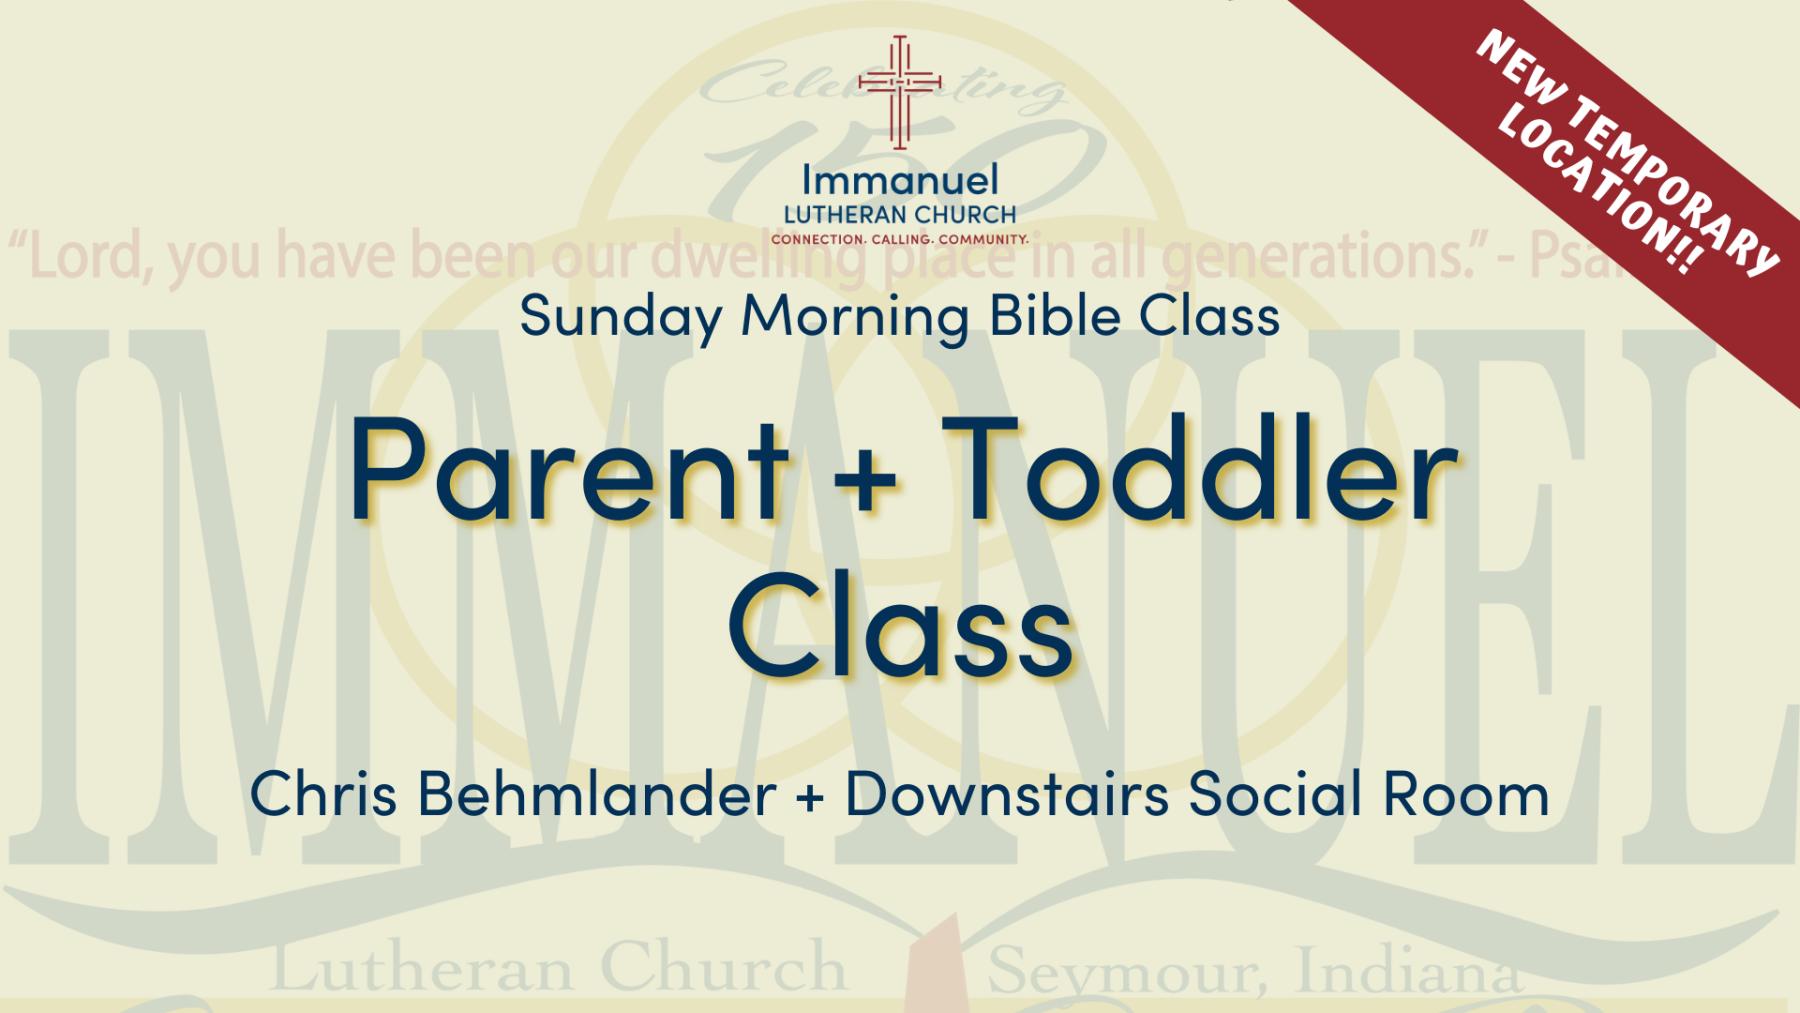 Parent + Toddler Class